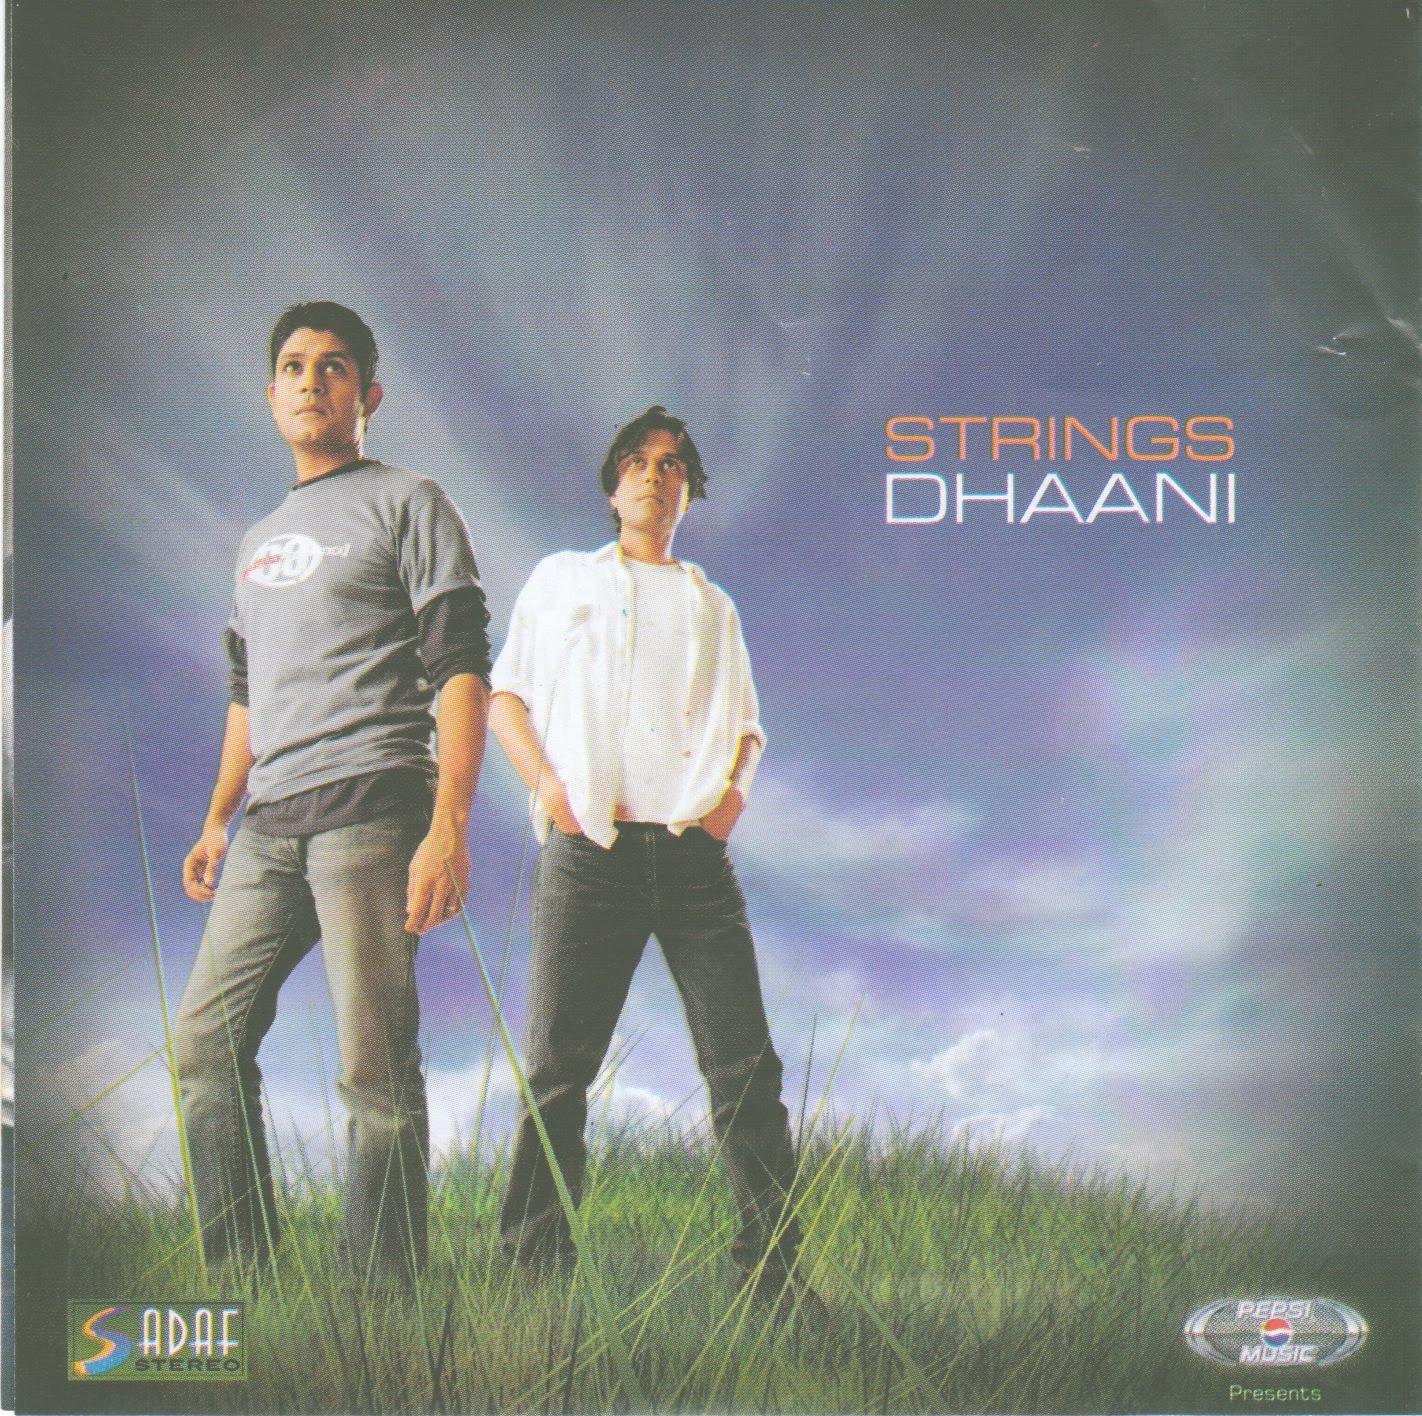 Strings – Sar kiye yeh pahar Lyrics | Genius Lyrics